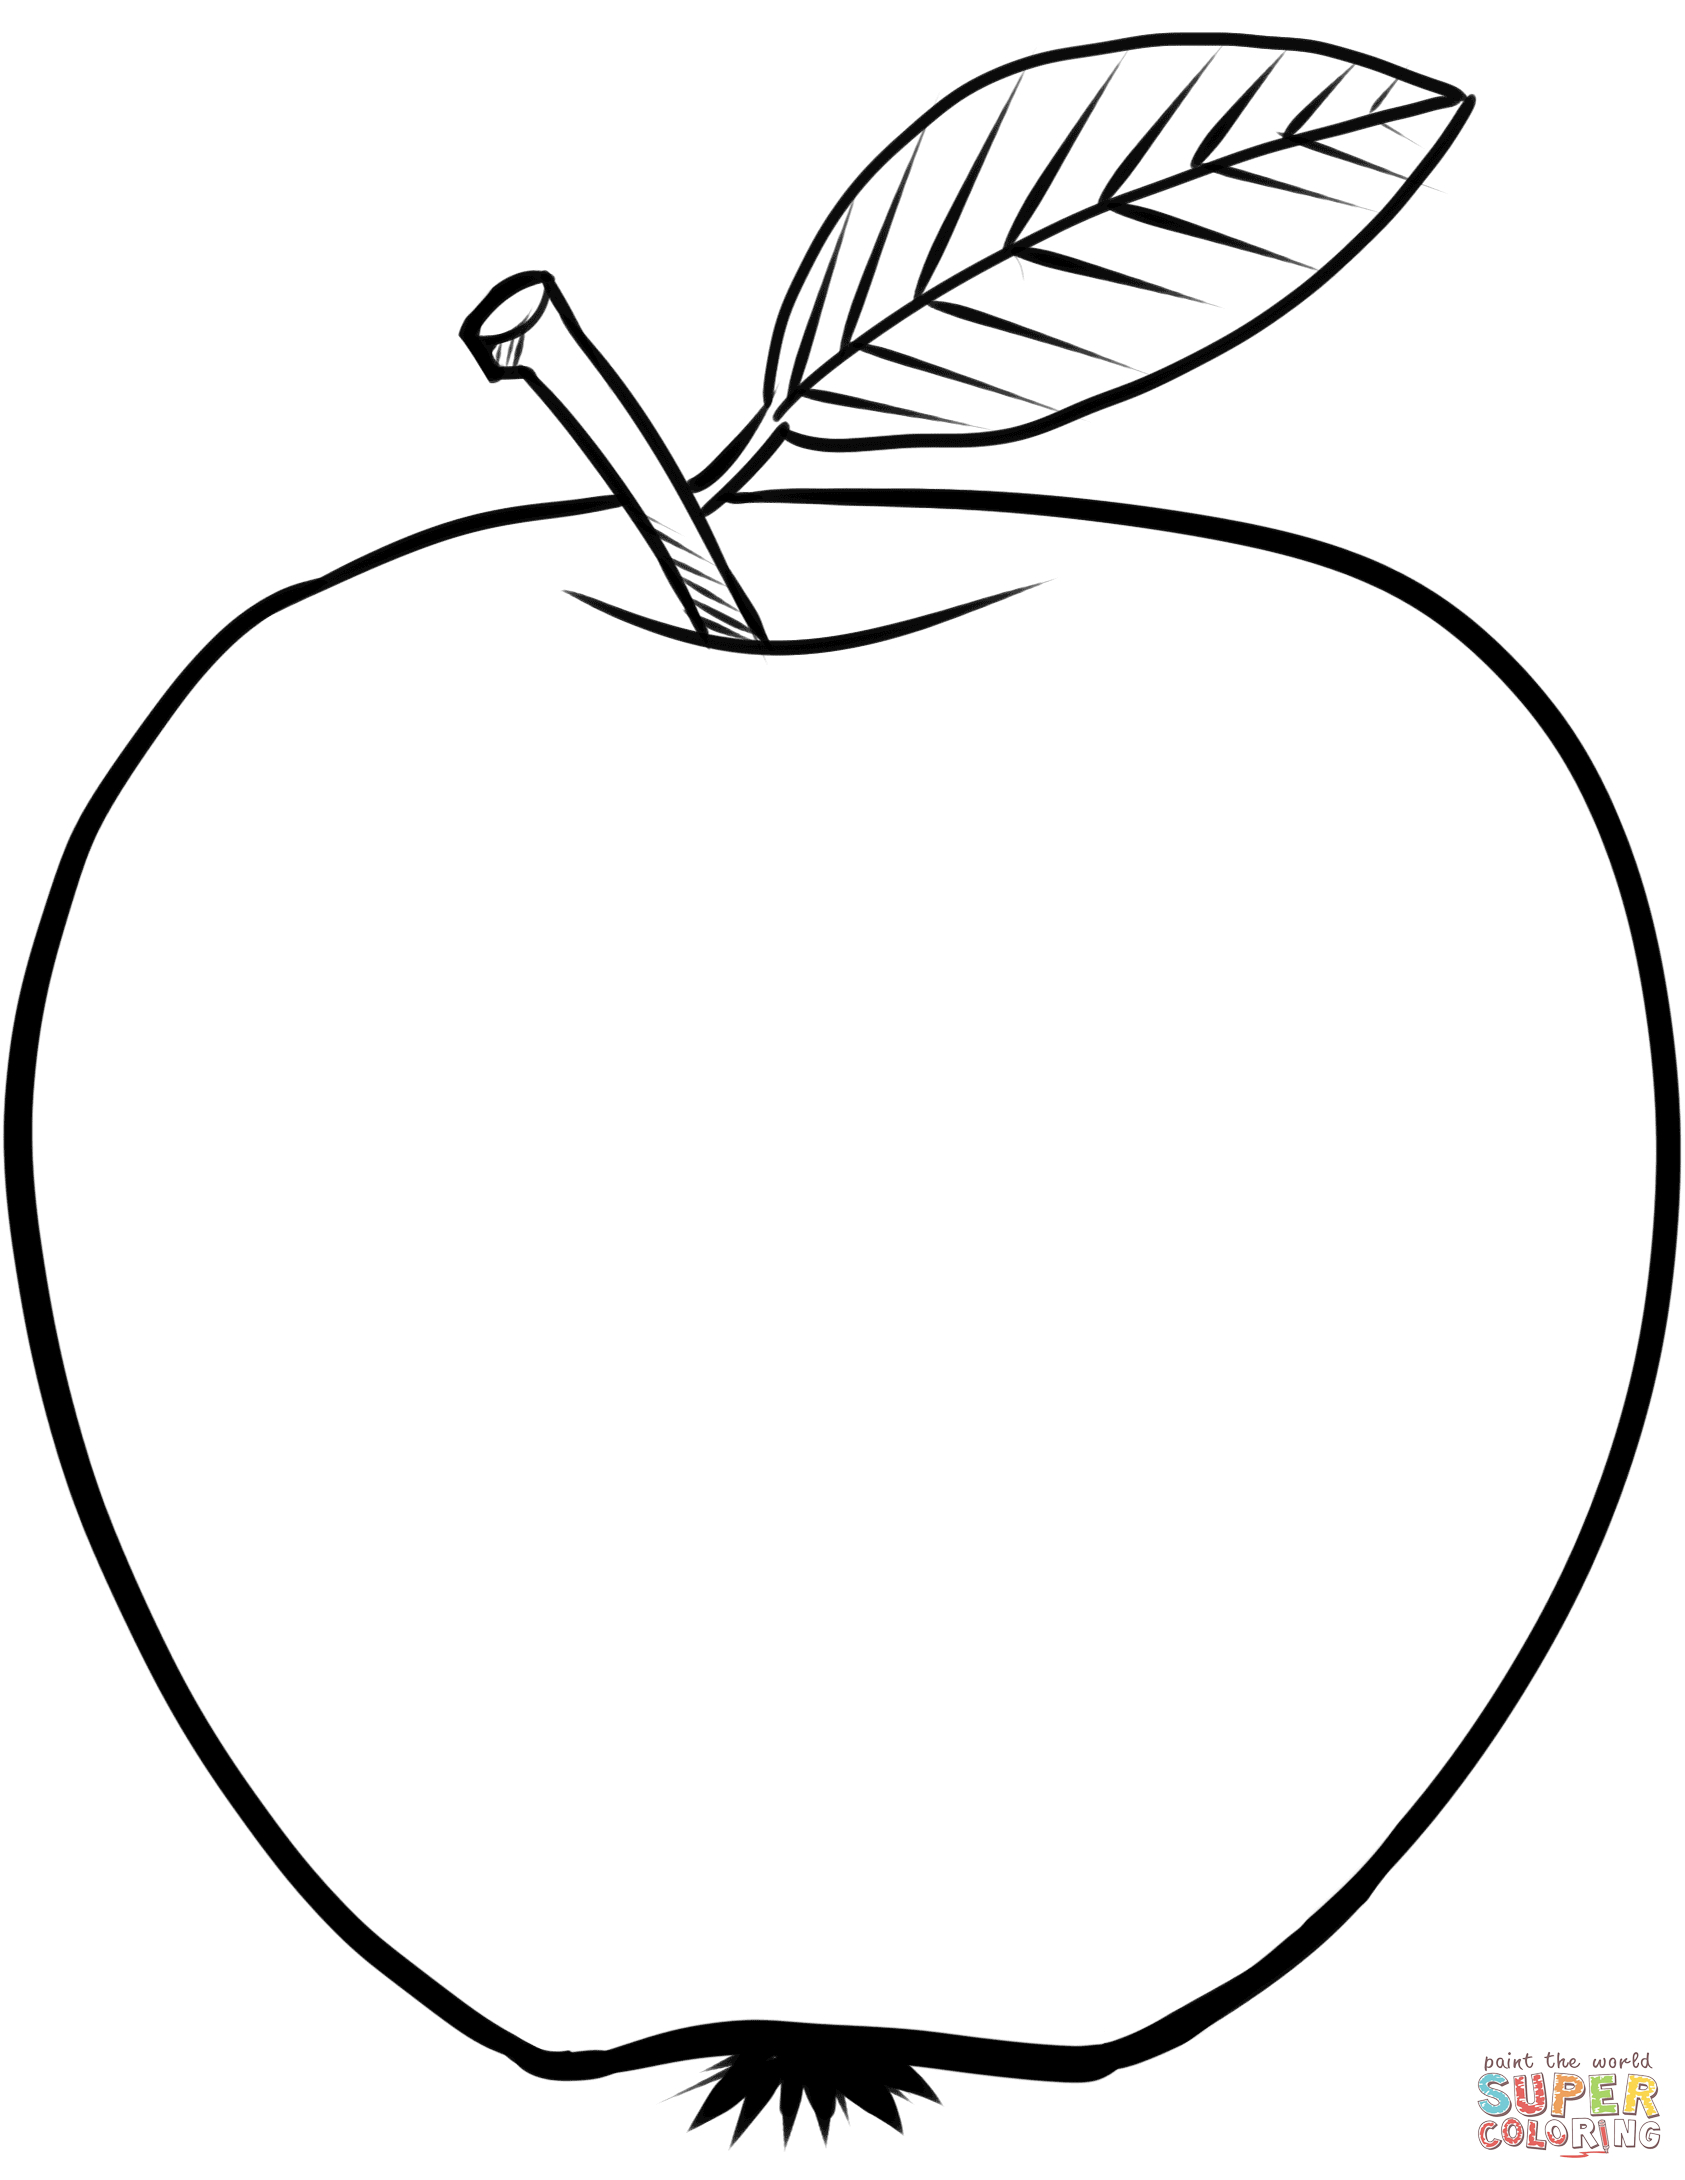 Ausmalbild: Apfel | Ausmalbilder Kostenlos Zum Ausdrucken mit Ausmalbild Apfel